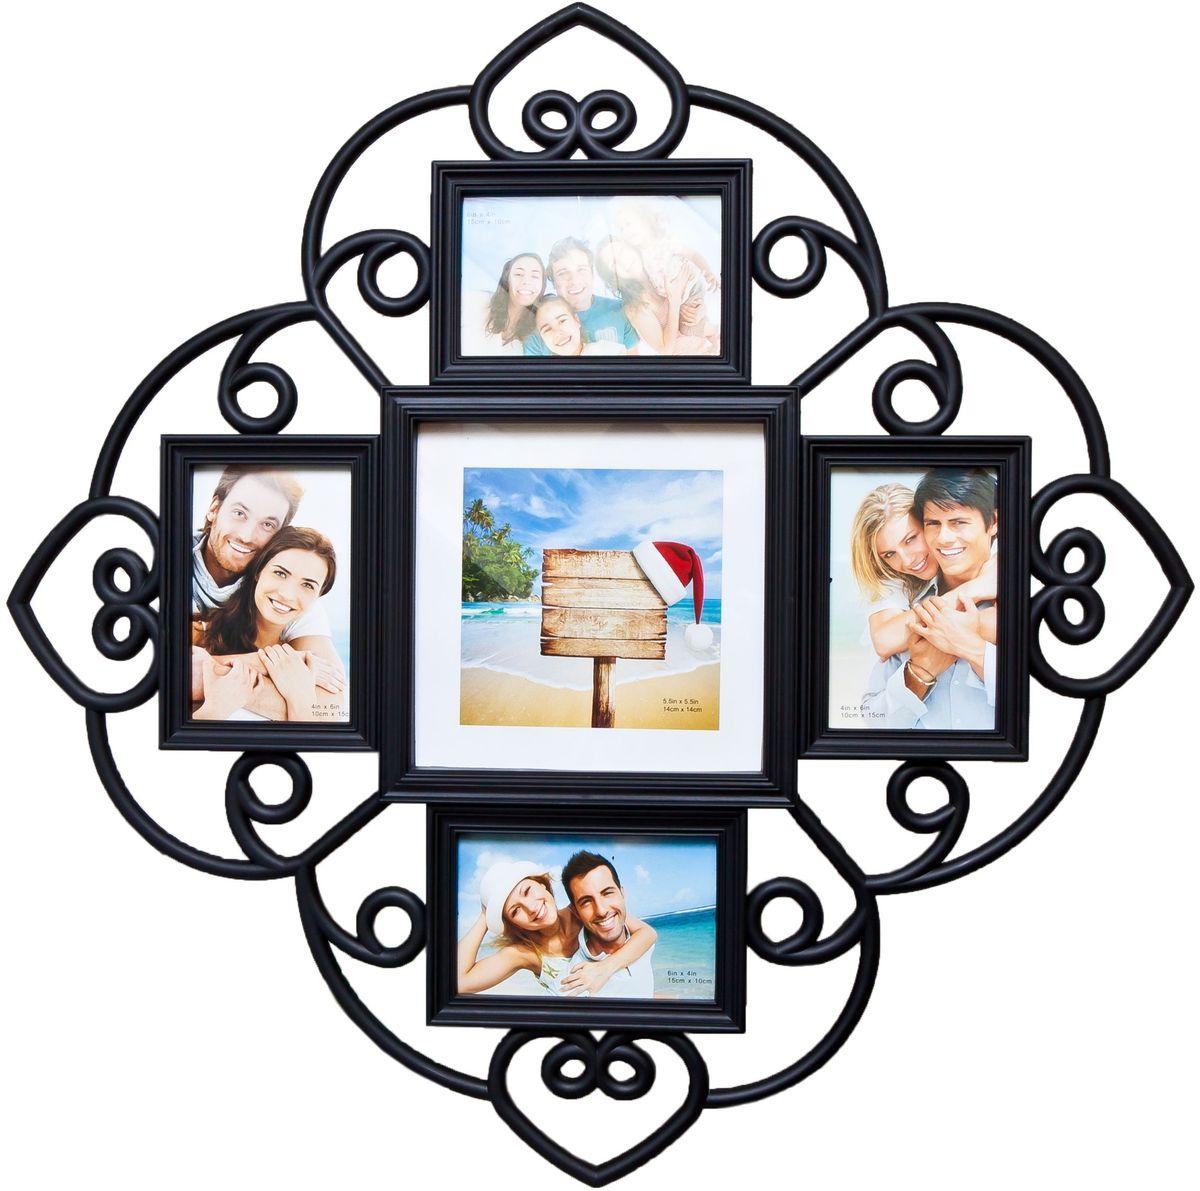 Фоторамка Platinum, цвет: черный, на 5 фото. BH-1405ES-412Фоторамка Platinum - прекрасный способ красиво оформить ваши фотографии. Фоторамка выполнена из пластика и защищена стеклом. Фоторамка-коллаж представляет собой пять фоторамок для фото разного размера оригинально соединенных между собой. Такая фоторамка поможет сохранить в памяти самые яркие моменты вашей жизни, а стильный дизайн сделает ее прекрасным дополнением интерьера комнаты. Фоторамка подходит для 4 фото 10 х 15 см и 1 фото 14 х 14 см.Общий размер фоторамки: 53 х 53 см.